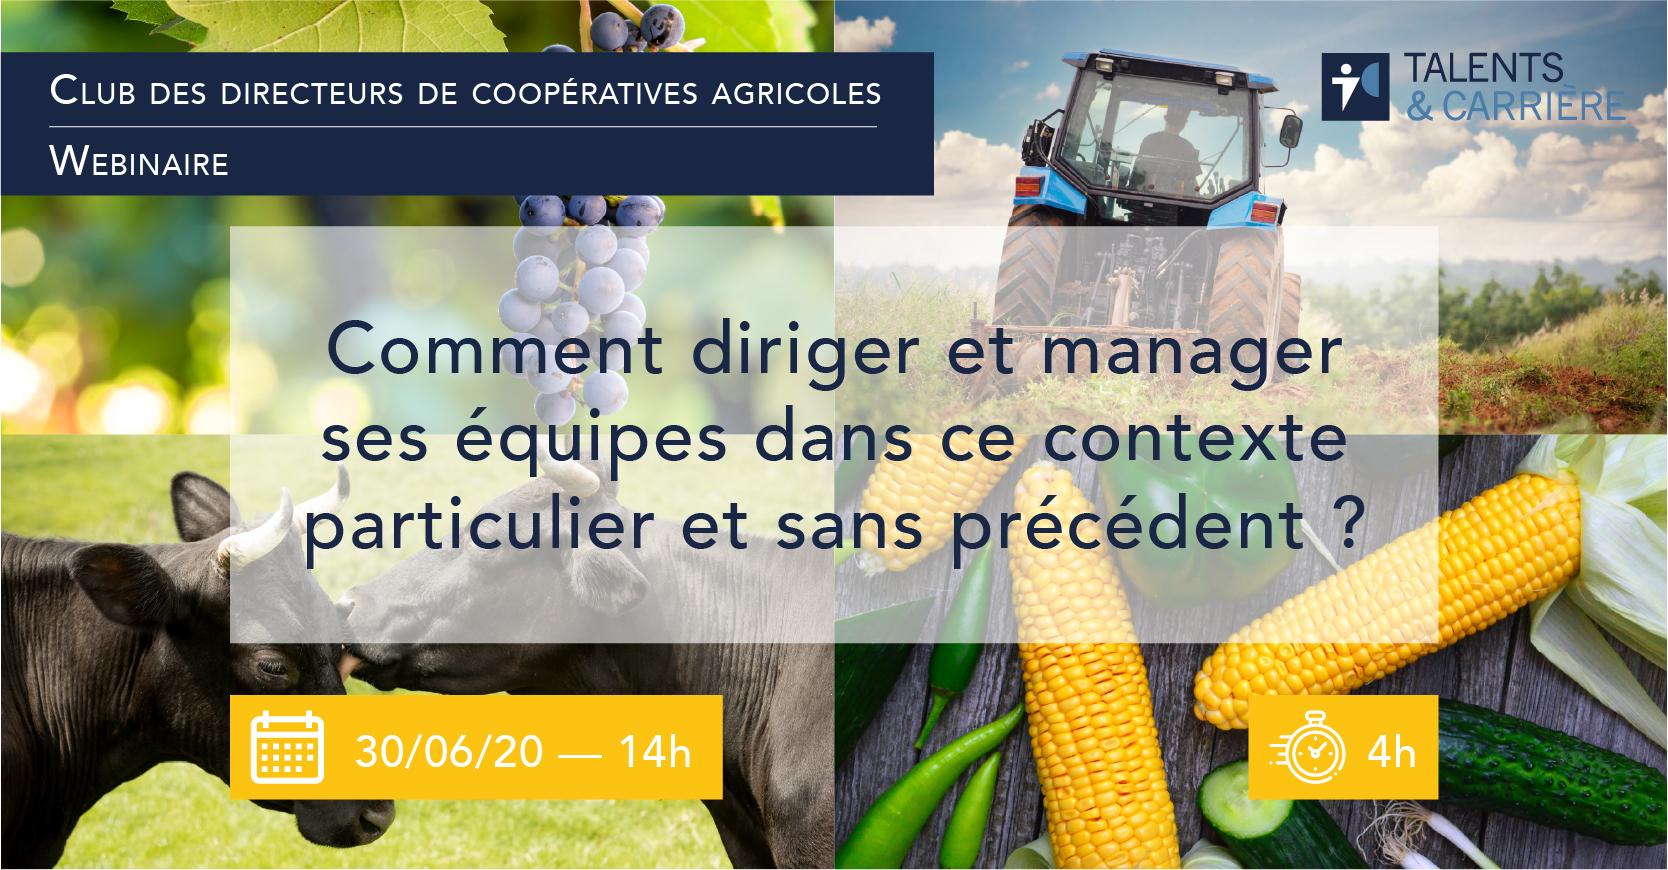 """Webinaire 30 juin 2020 Club  des directeurs de coopératives agricoles — """"Comment diriger et manager ses équipes dans ce contexte  particulier et sans précédent ?"""""""